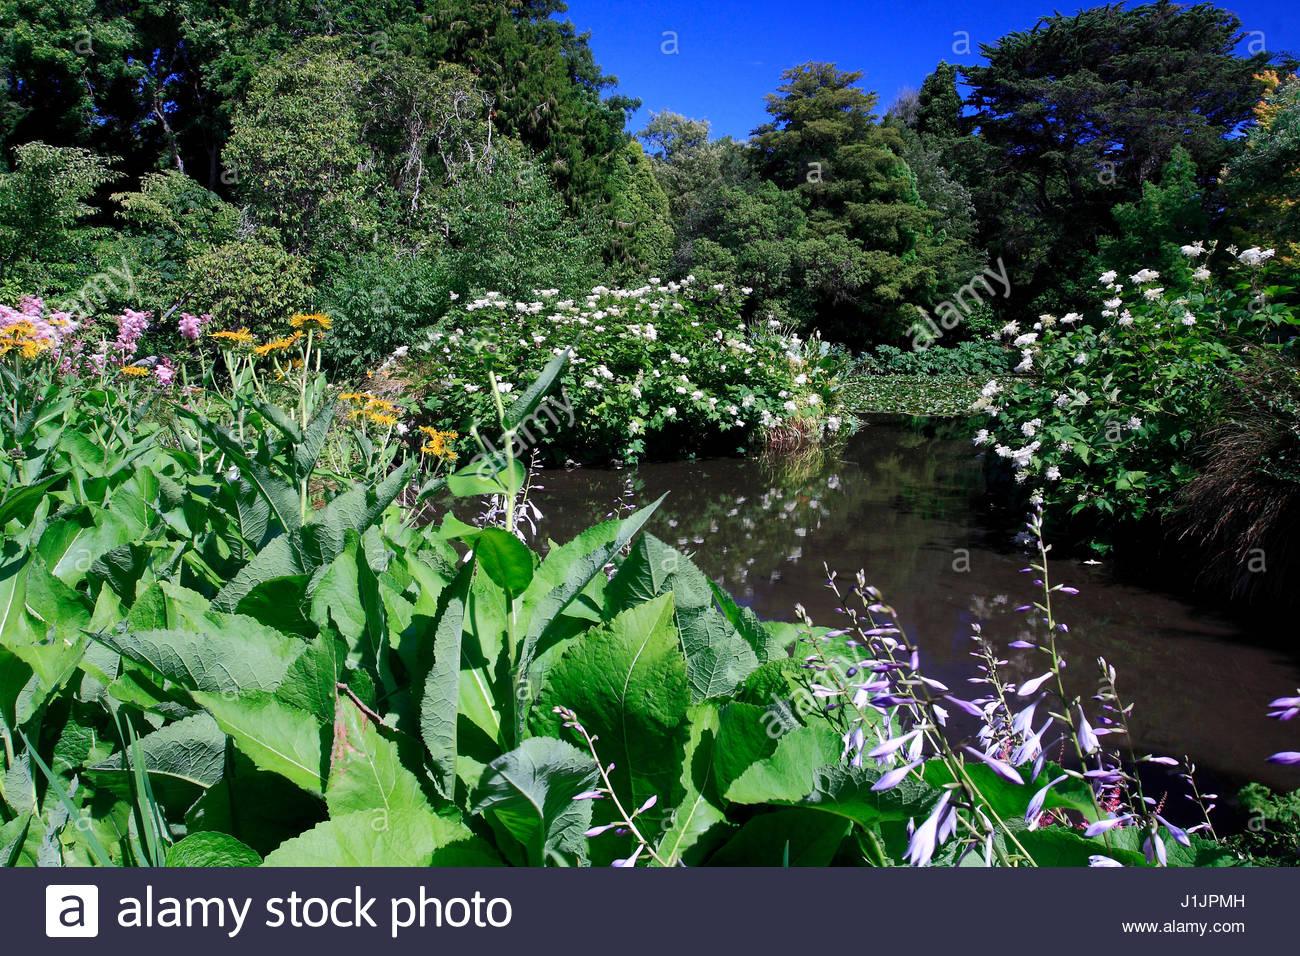 etang de jardin, végétation aquatique, feuillage, aquatique, bassin